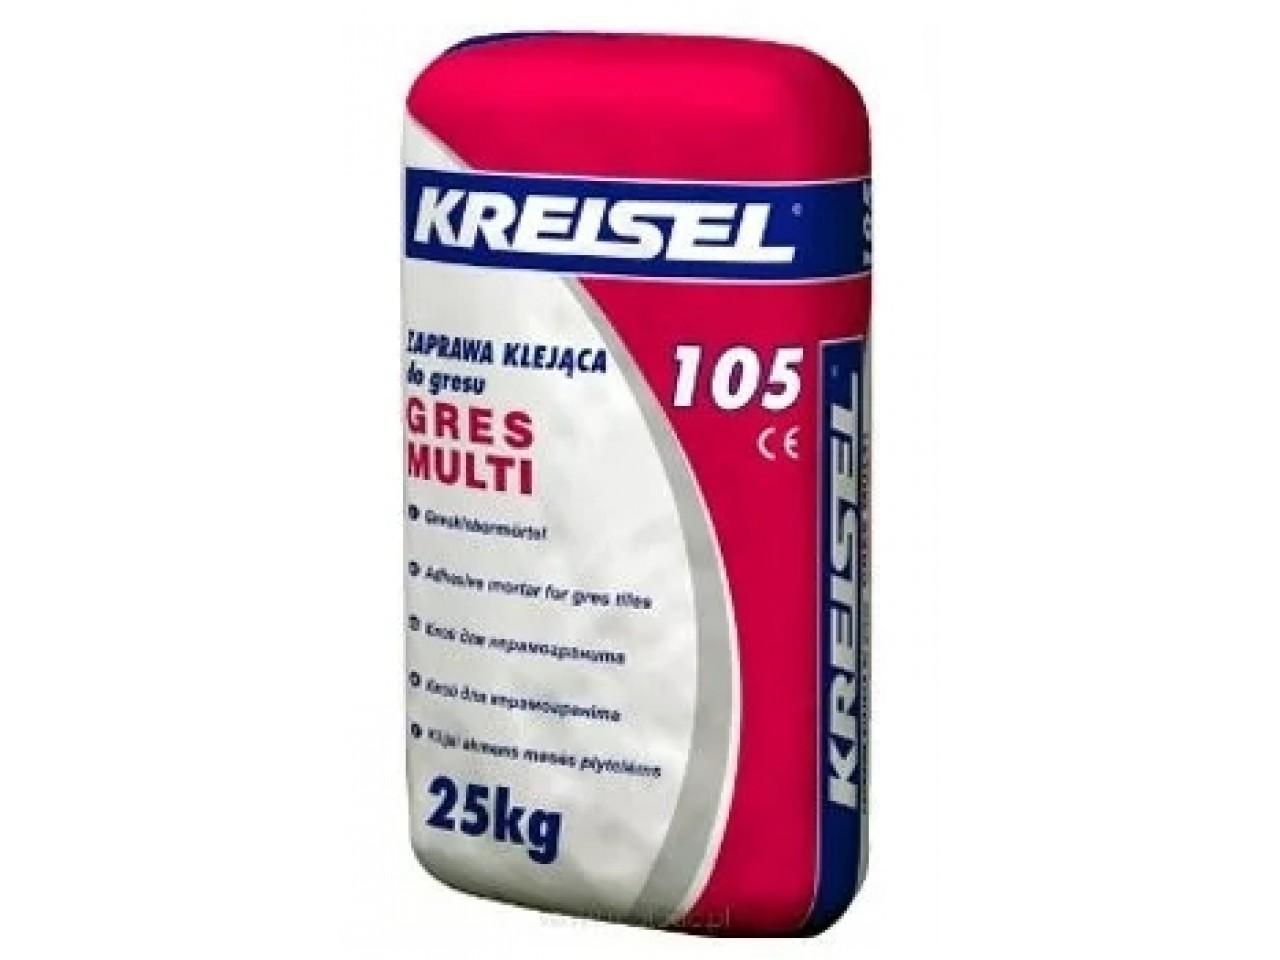 Клей для керамогранита Крайзель 105 (Kreisel 105) 25 кг